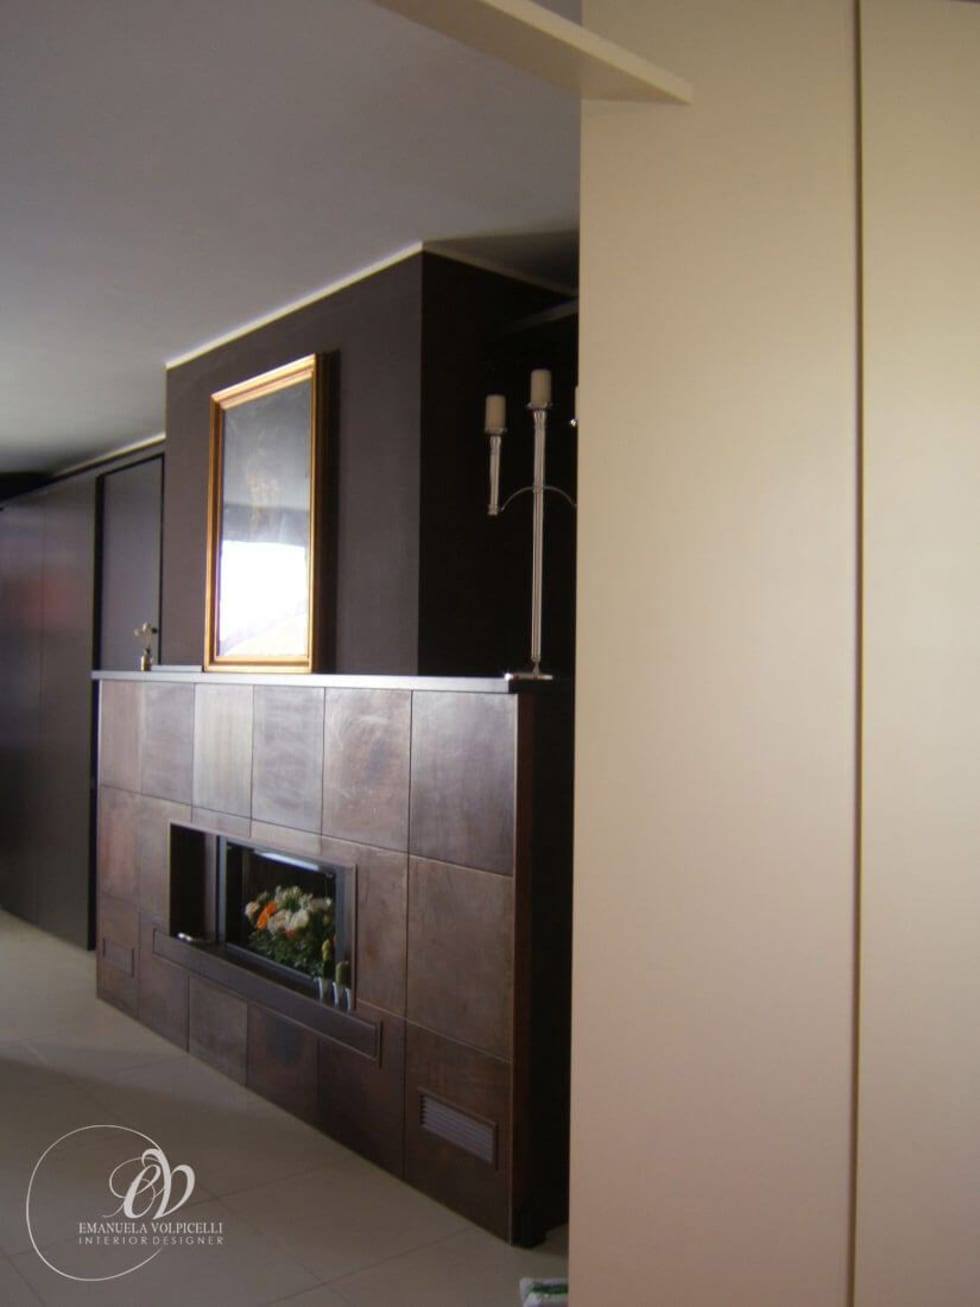 ELEGANTE LINEARITA': Soggiorno in stile in stile Moderno di Emanuela Volpicelli Interior Designer